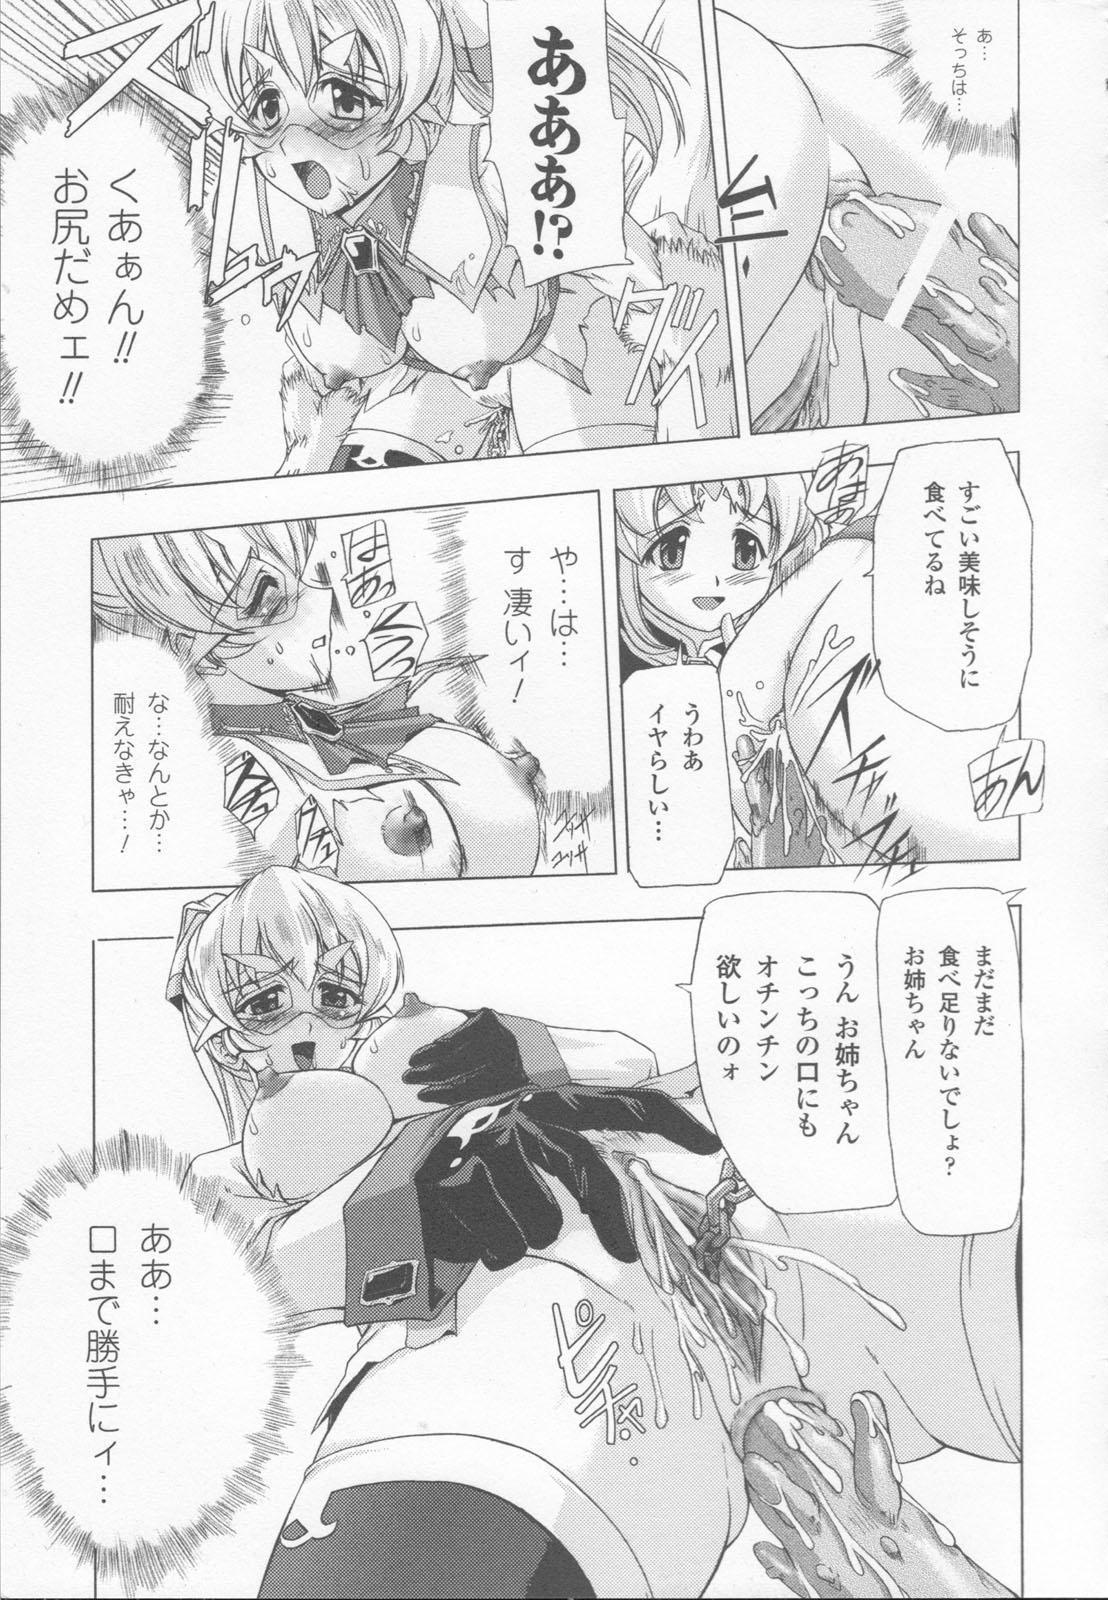 Shirayuri no Kenshi Anthology Comics 20